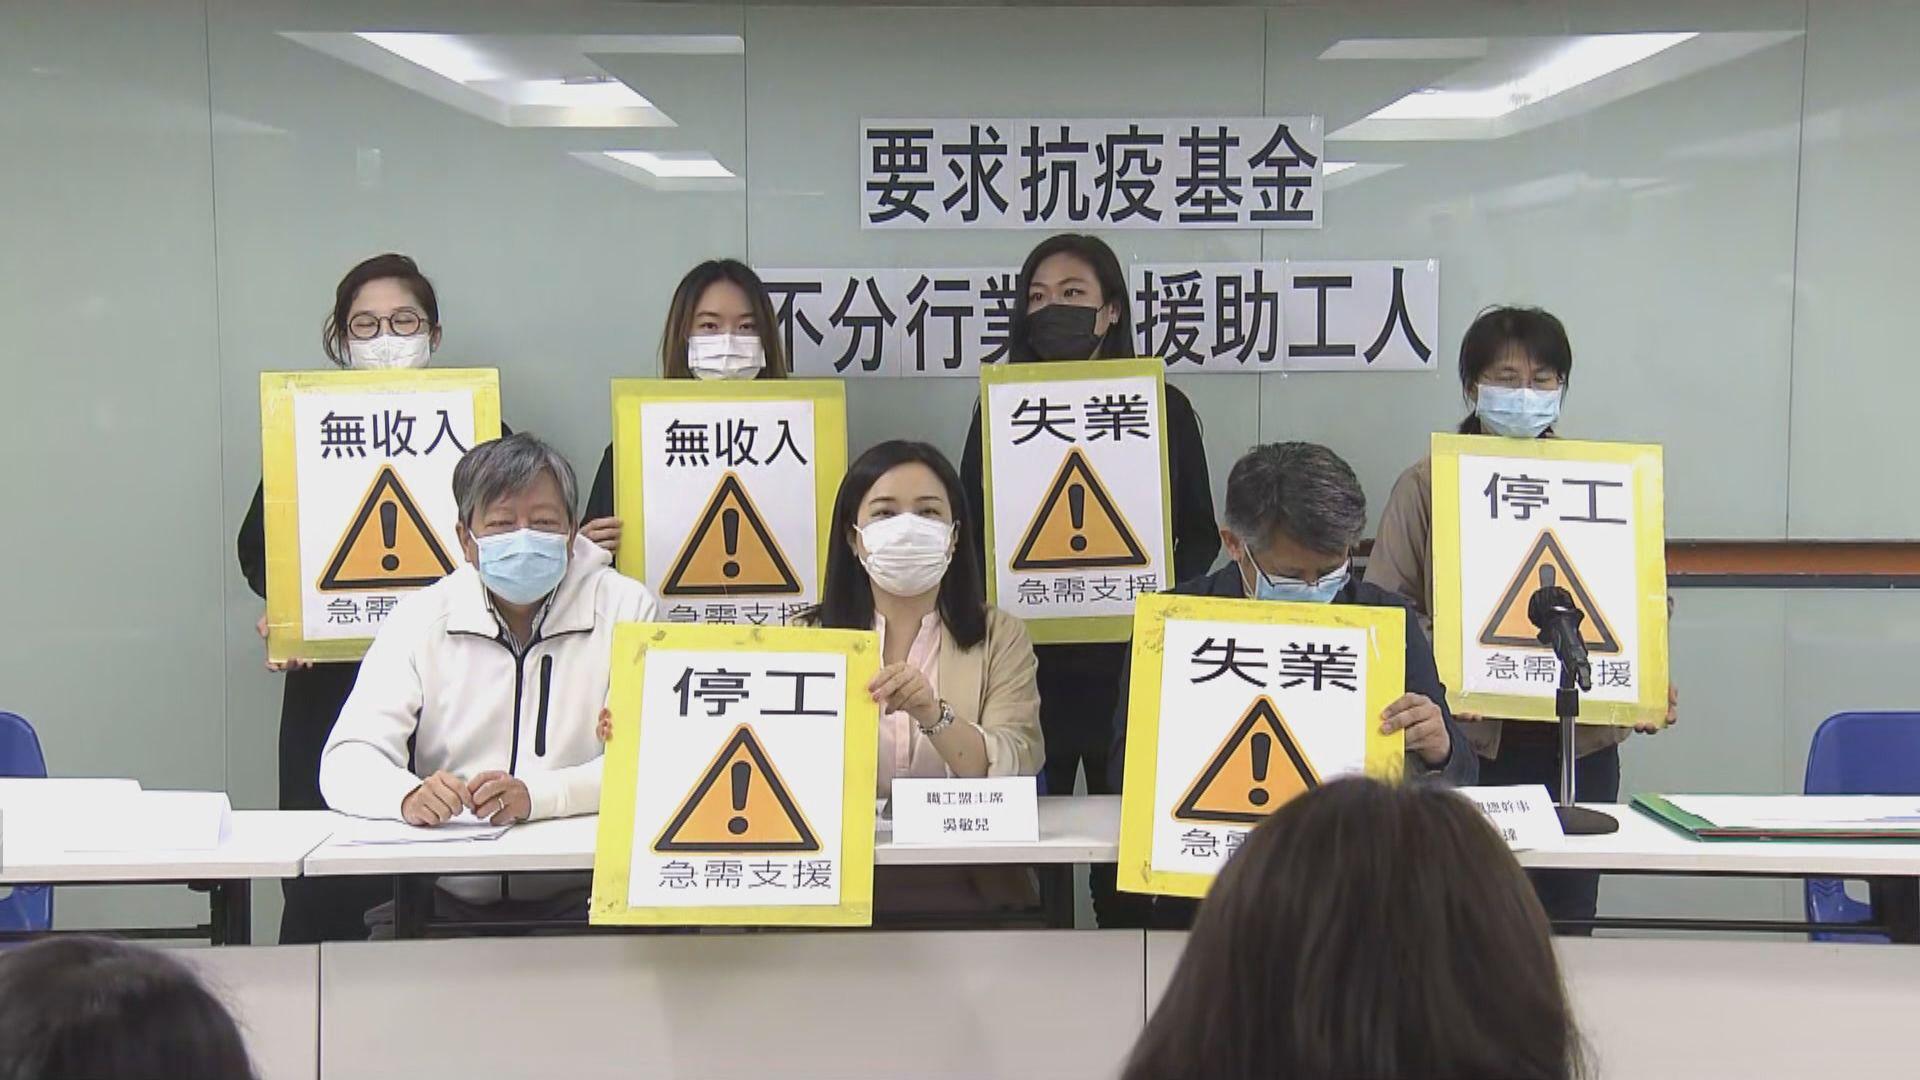 職工盟促政府財政支援受疫情影響僱員